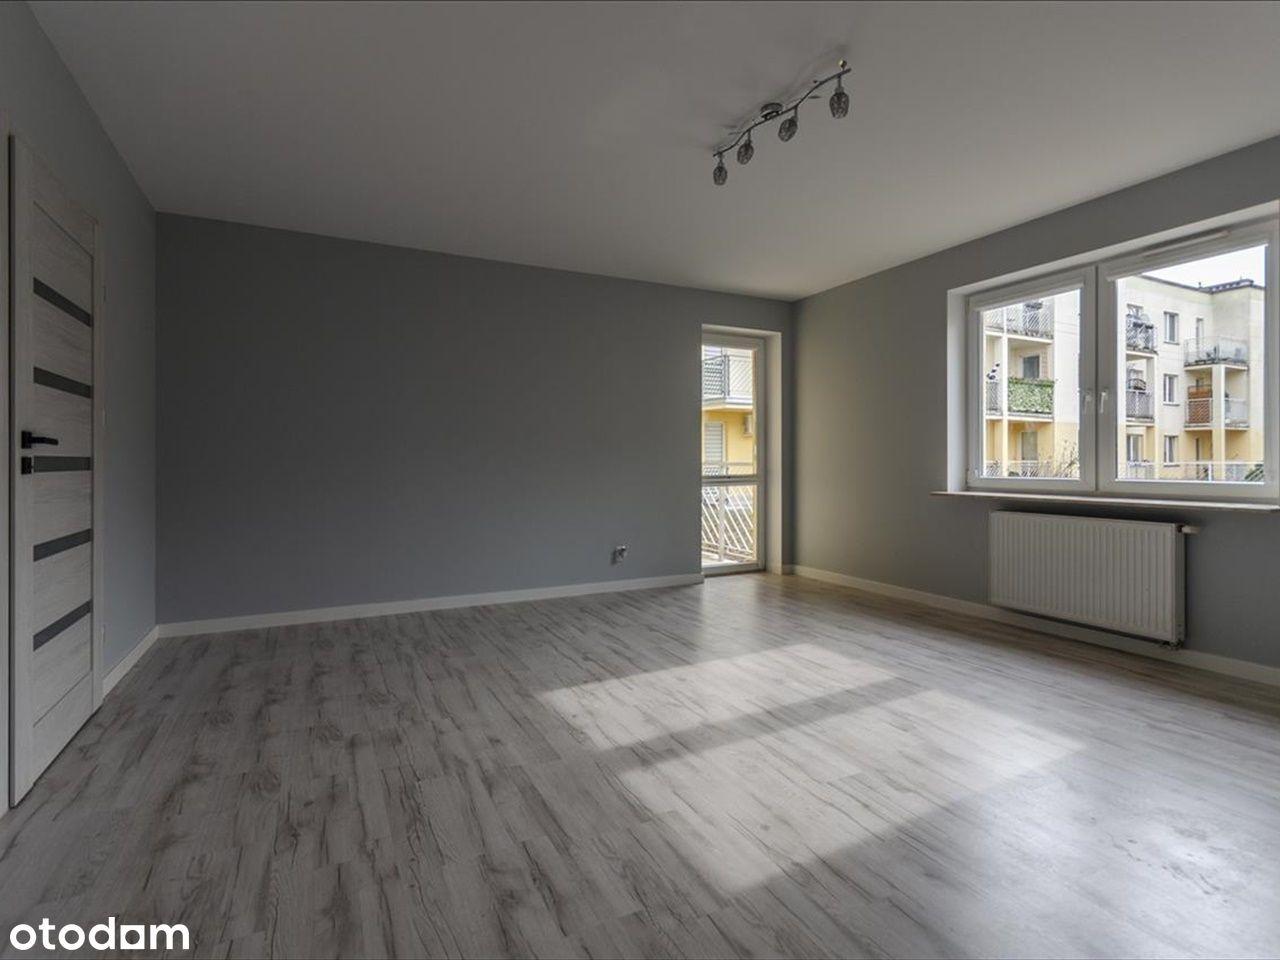 Mieszkanie po zakończonym w lutym 2021 r remoncie.